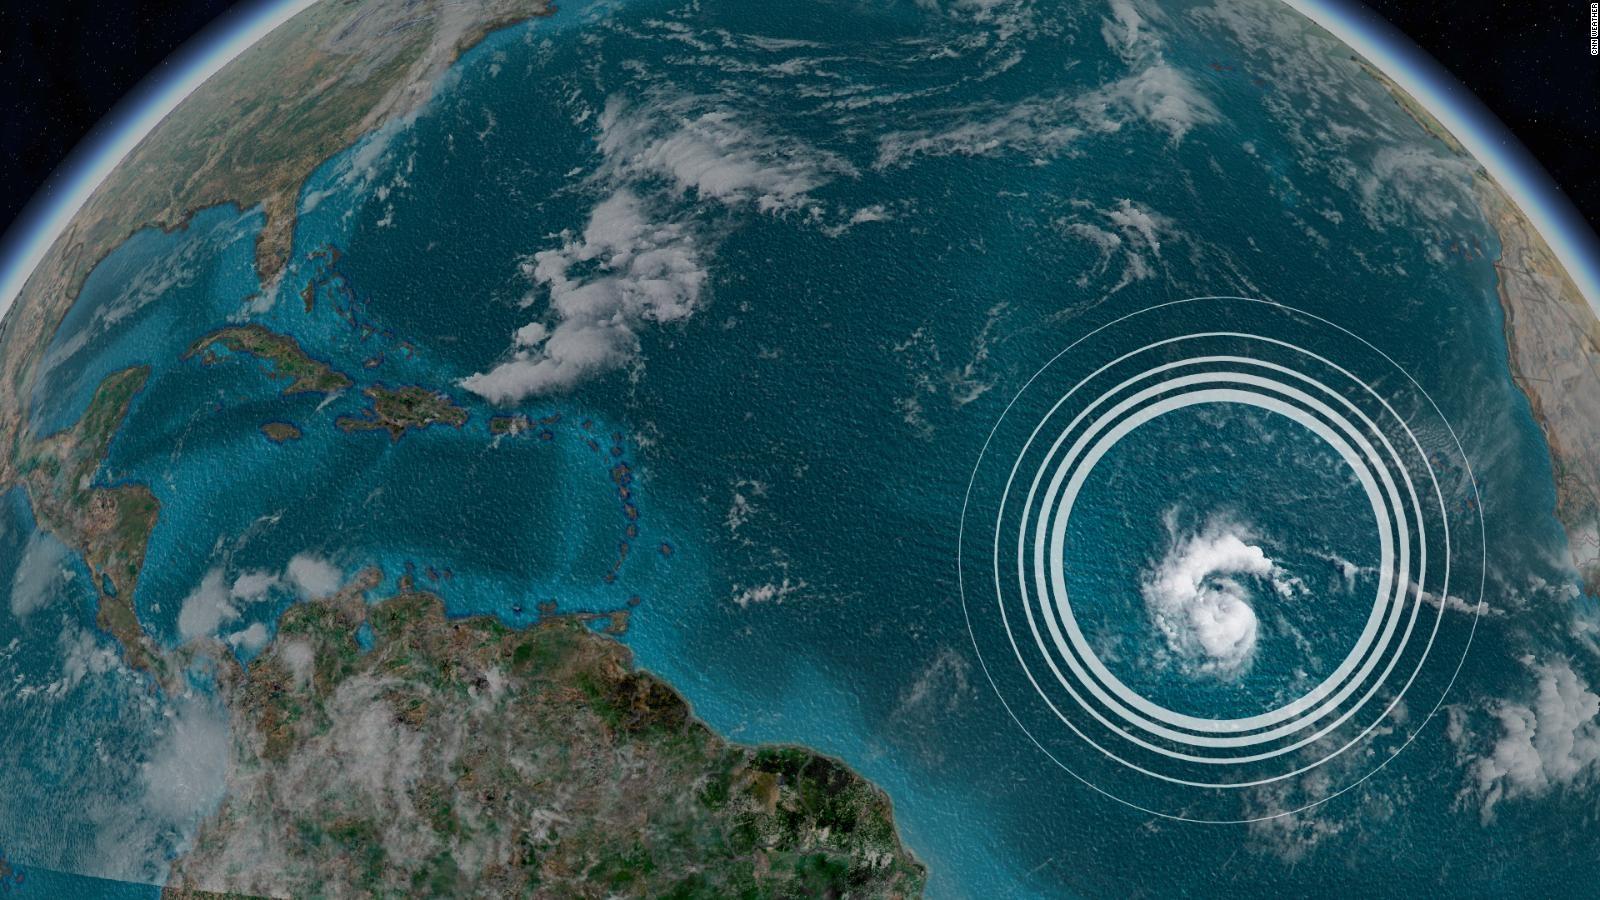 Huracán oscila a medida que se adentra en océano Atlántico